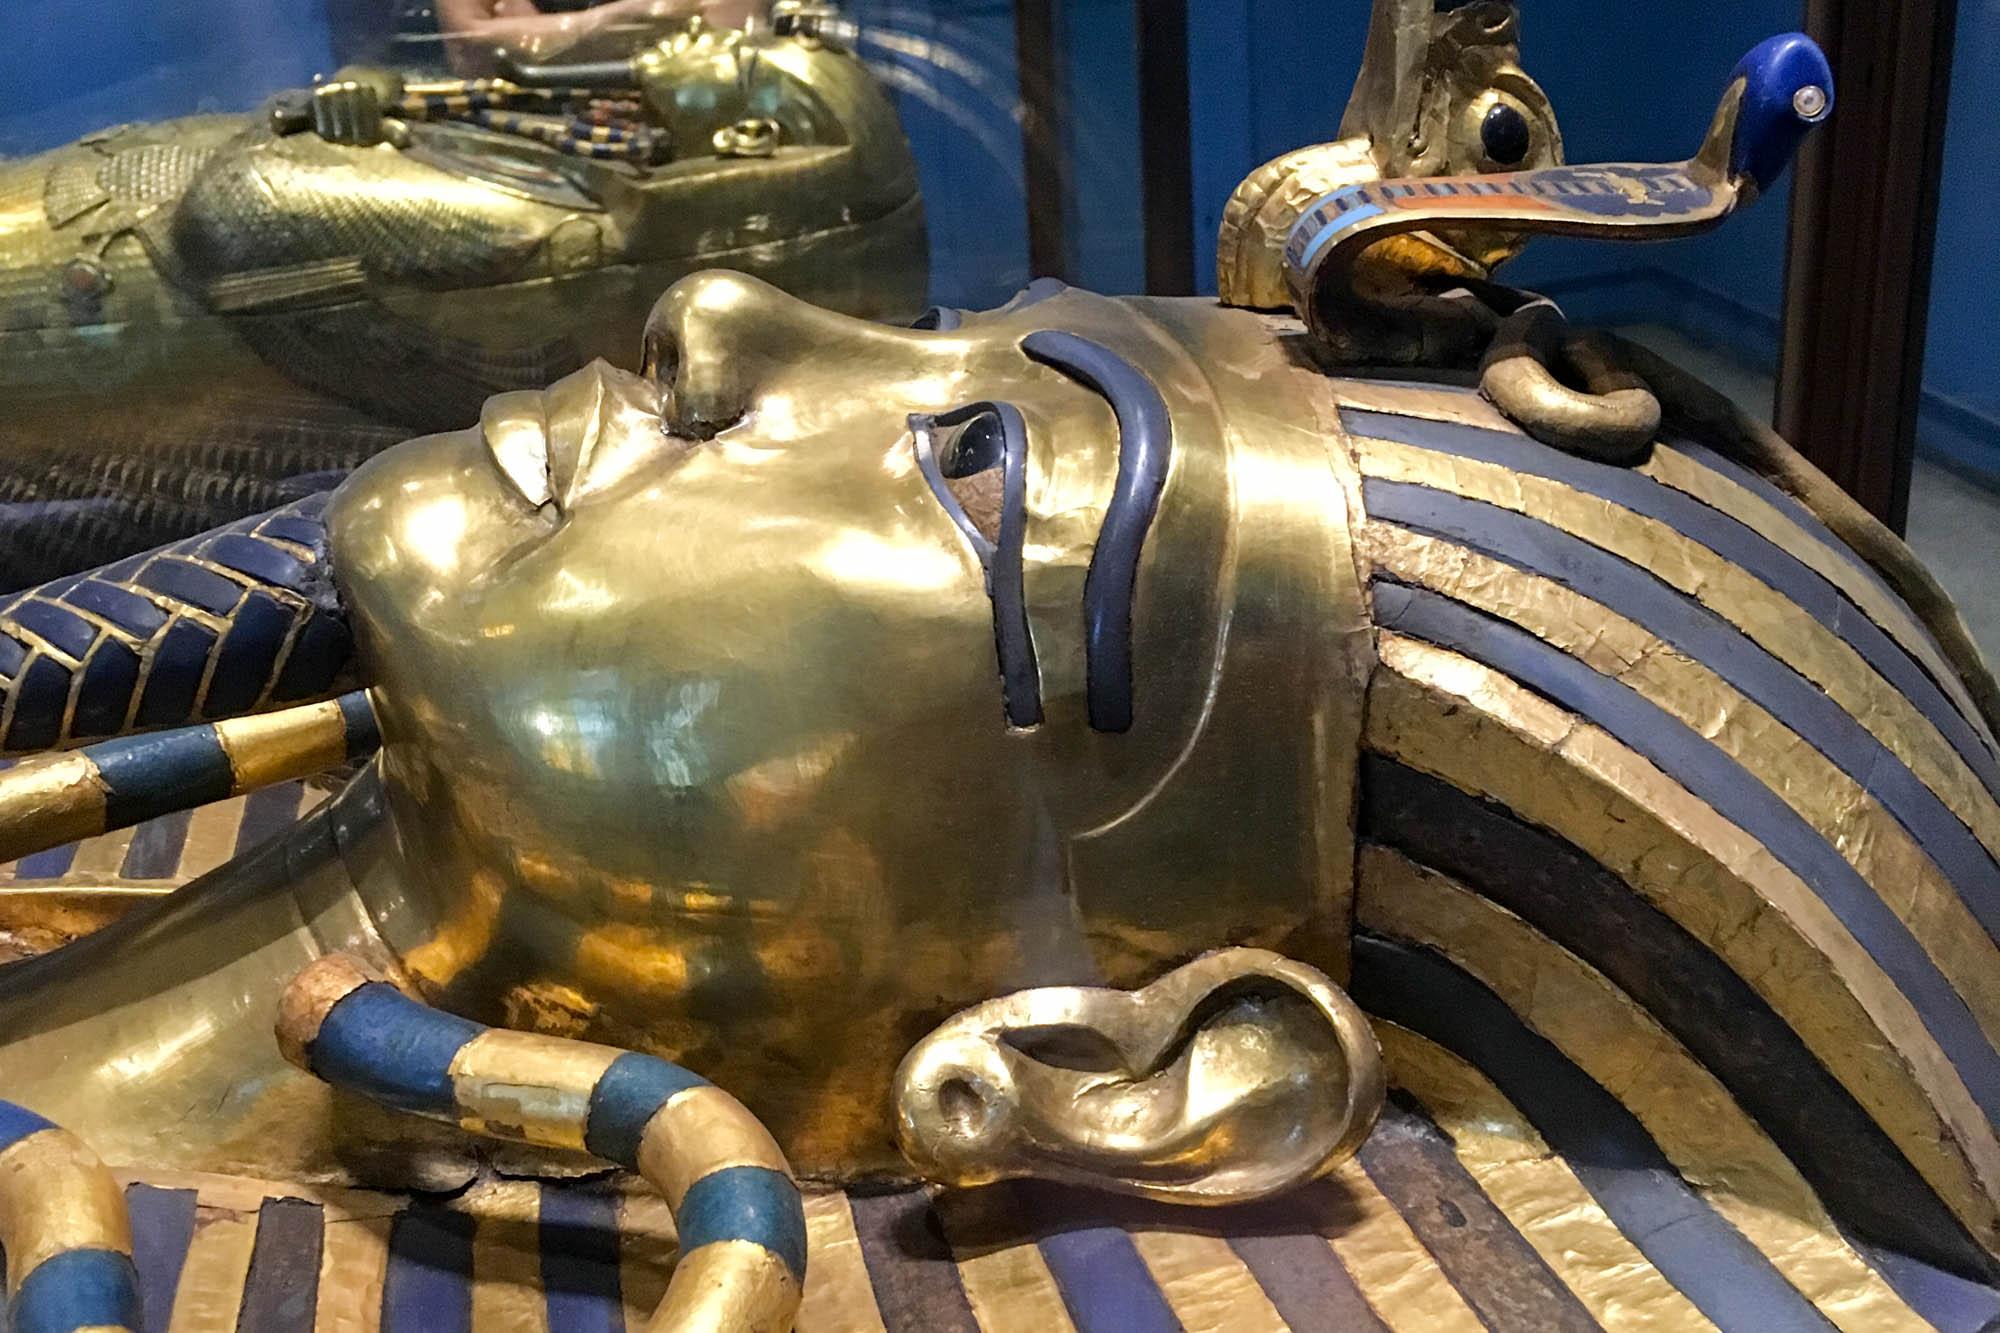 Publikumswirksam werden die wertvollsten Funde aus dem Grab von Tutanchamun in der Schatzkammer des Ägyptischen Museums von Kairo präsentiert. Foto: Lothar Ruttner